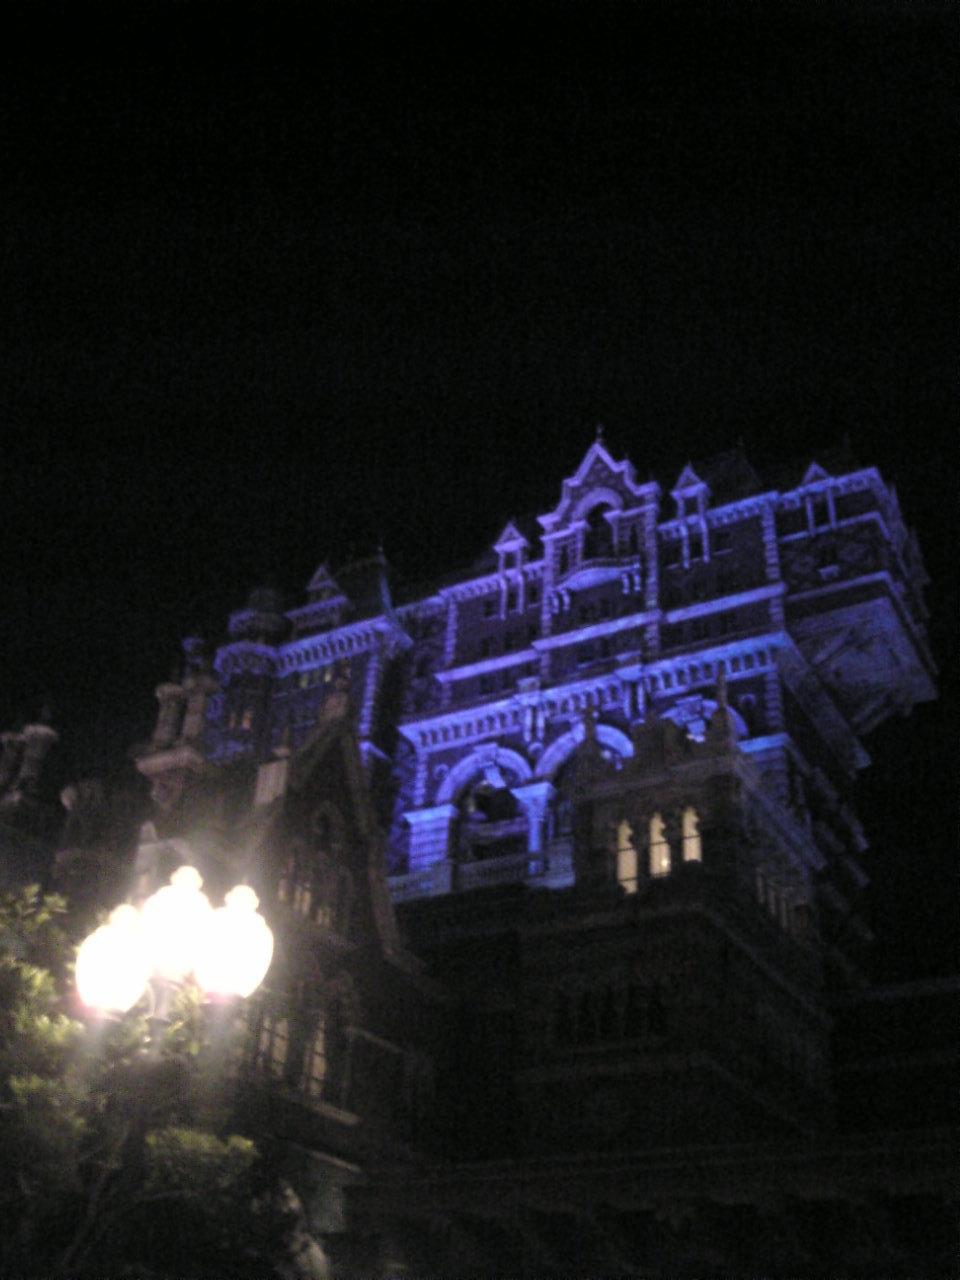 Image606